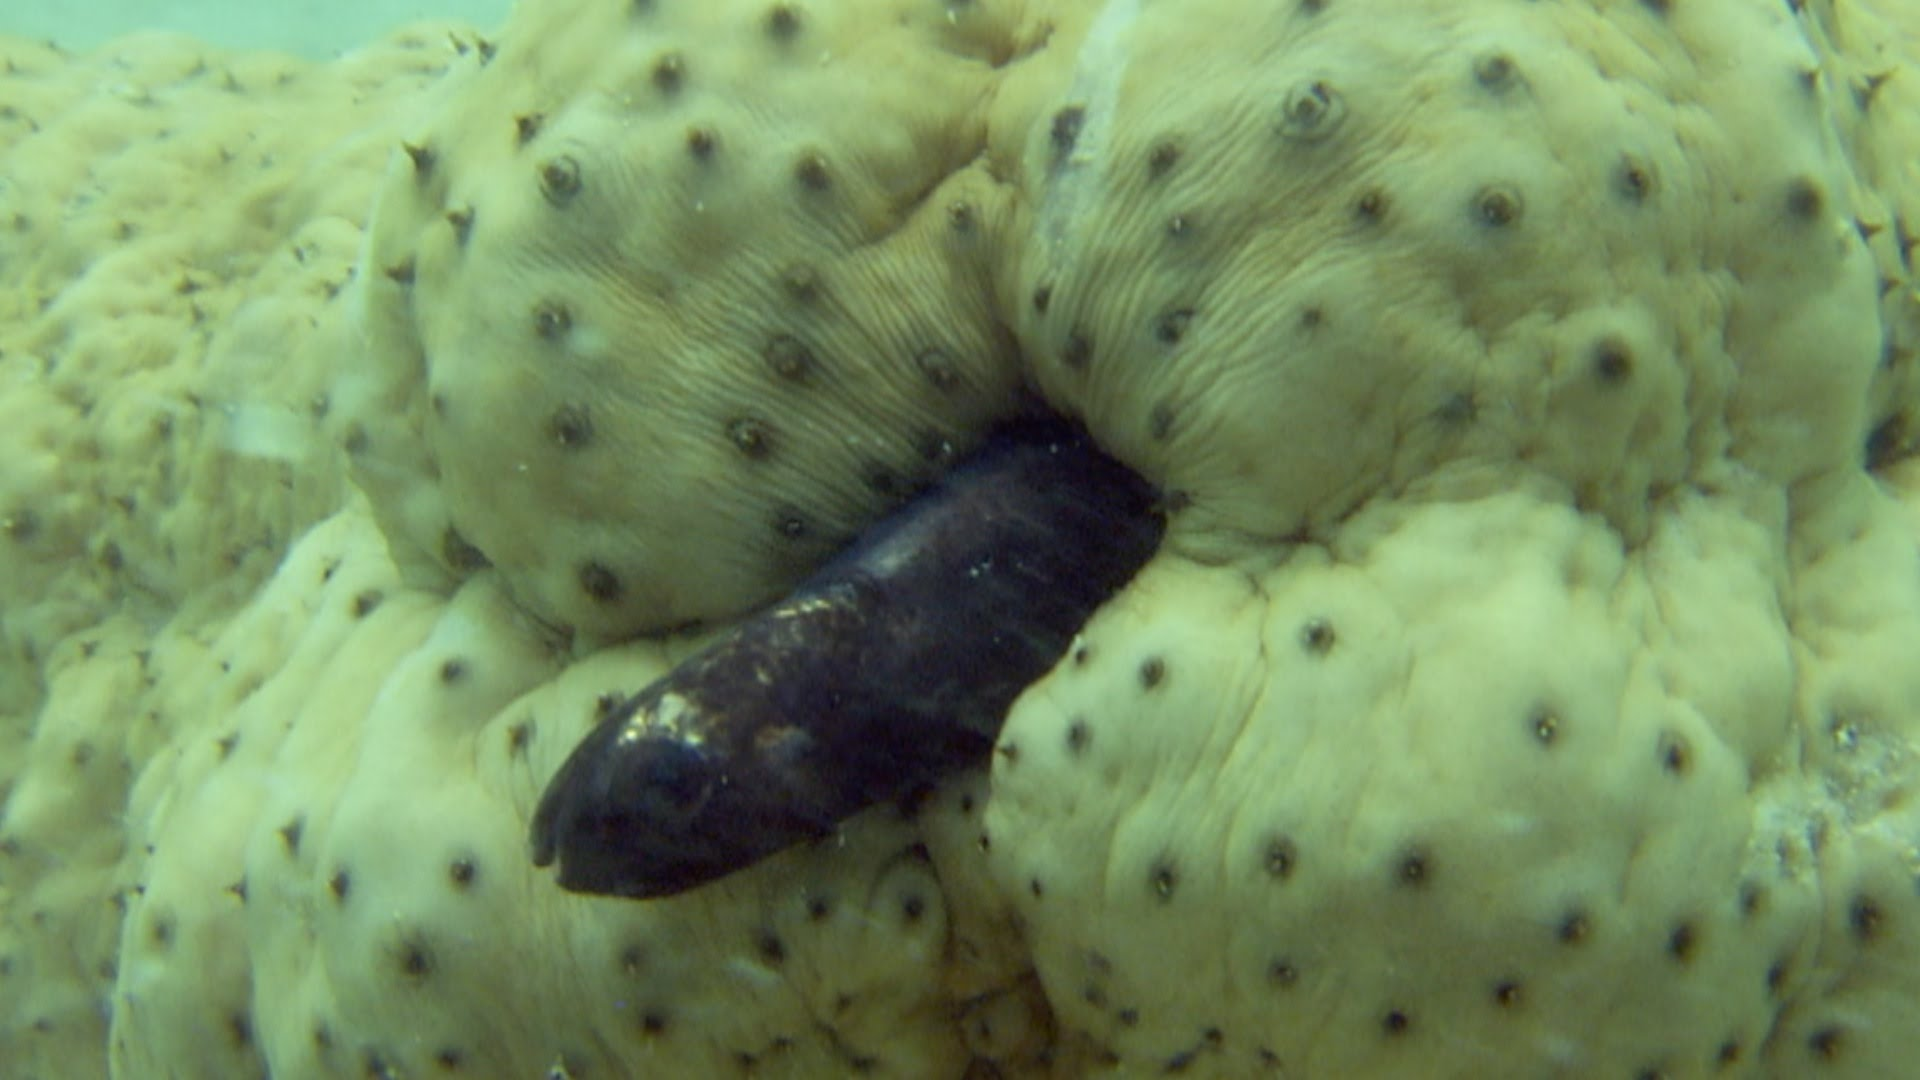 Und dann gab es einen Fisch, der im Pupsloch einer Seegurke wohnt